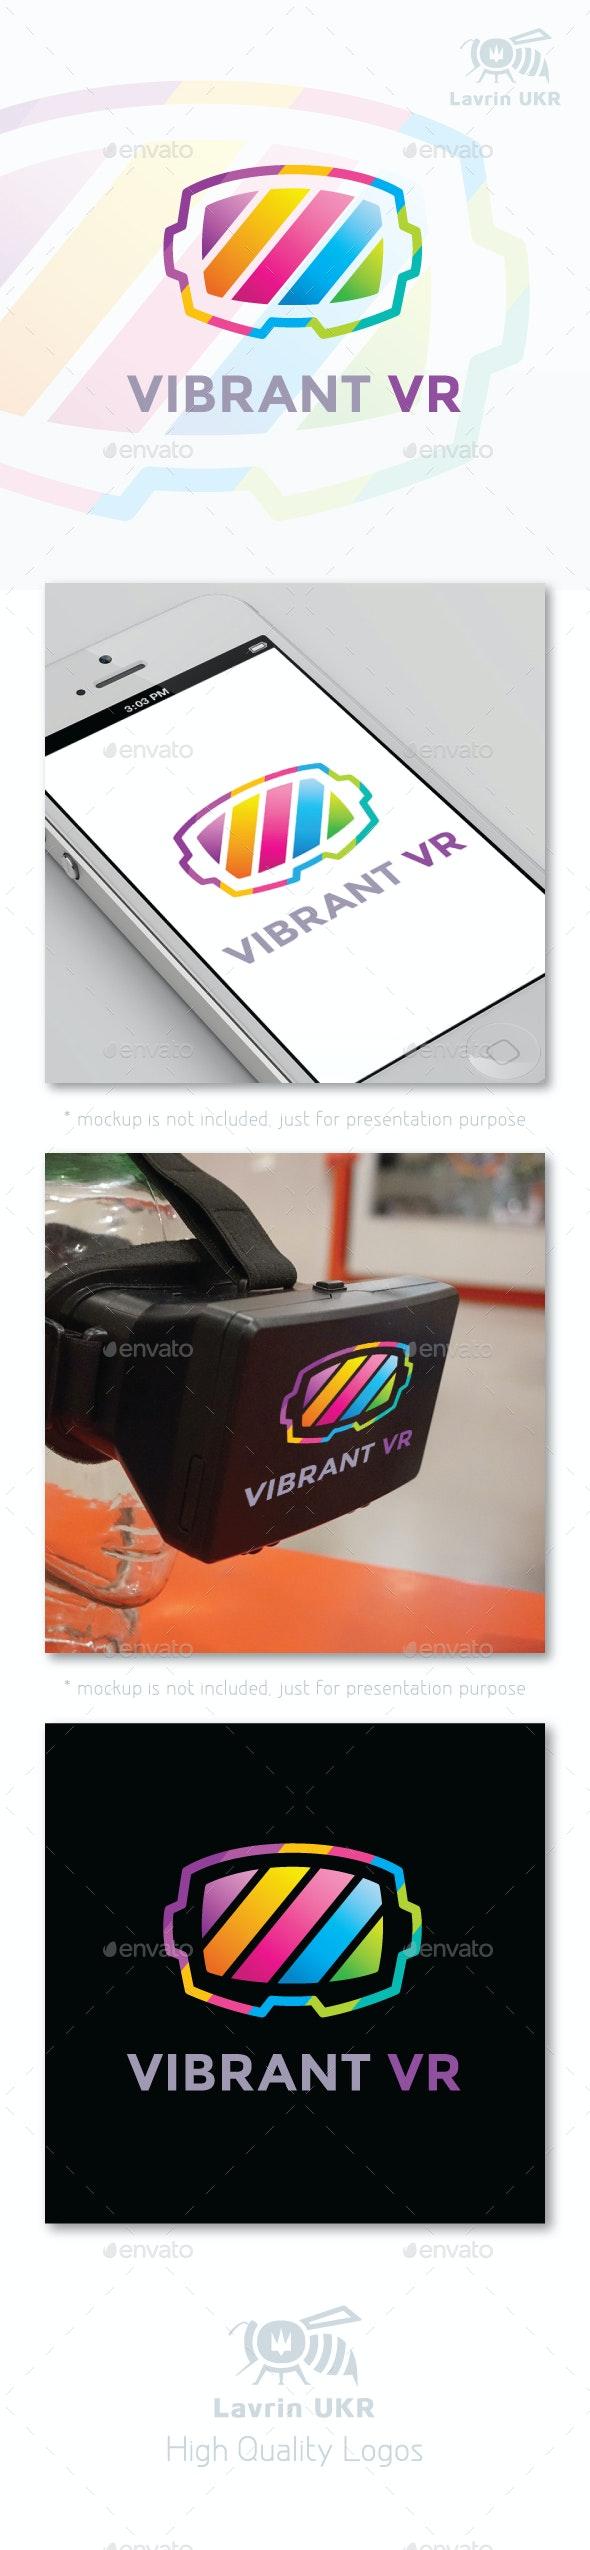 Vibrant VR - Company Logo Templates